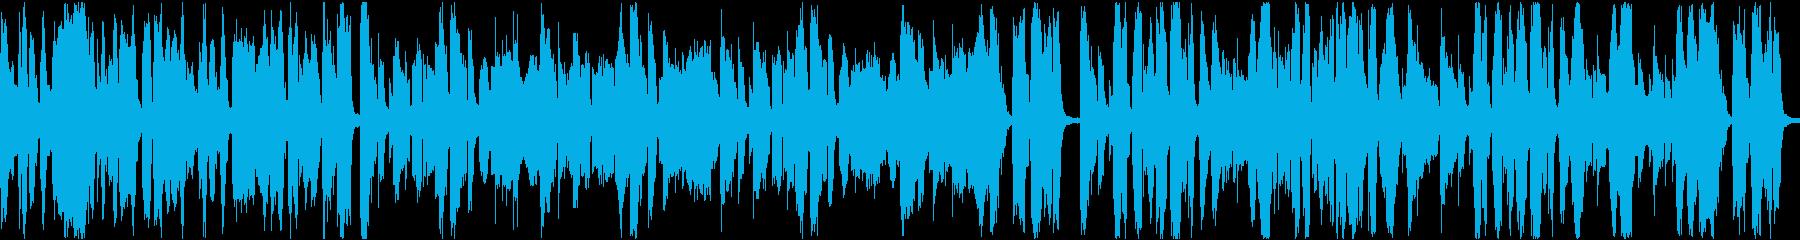 9秒でサビ、イケイケ/静かめループの再生済みの波形